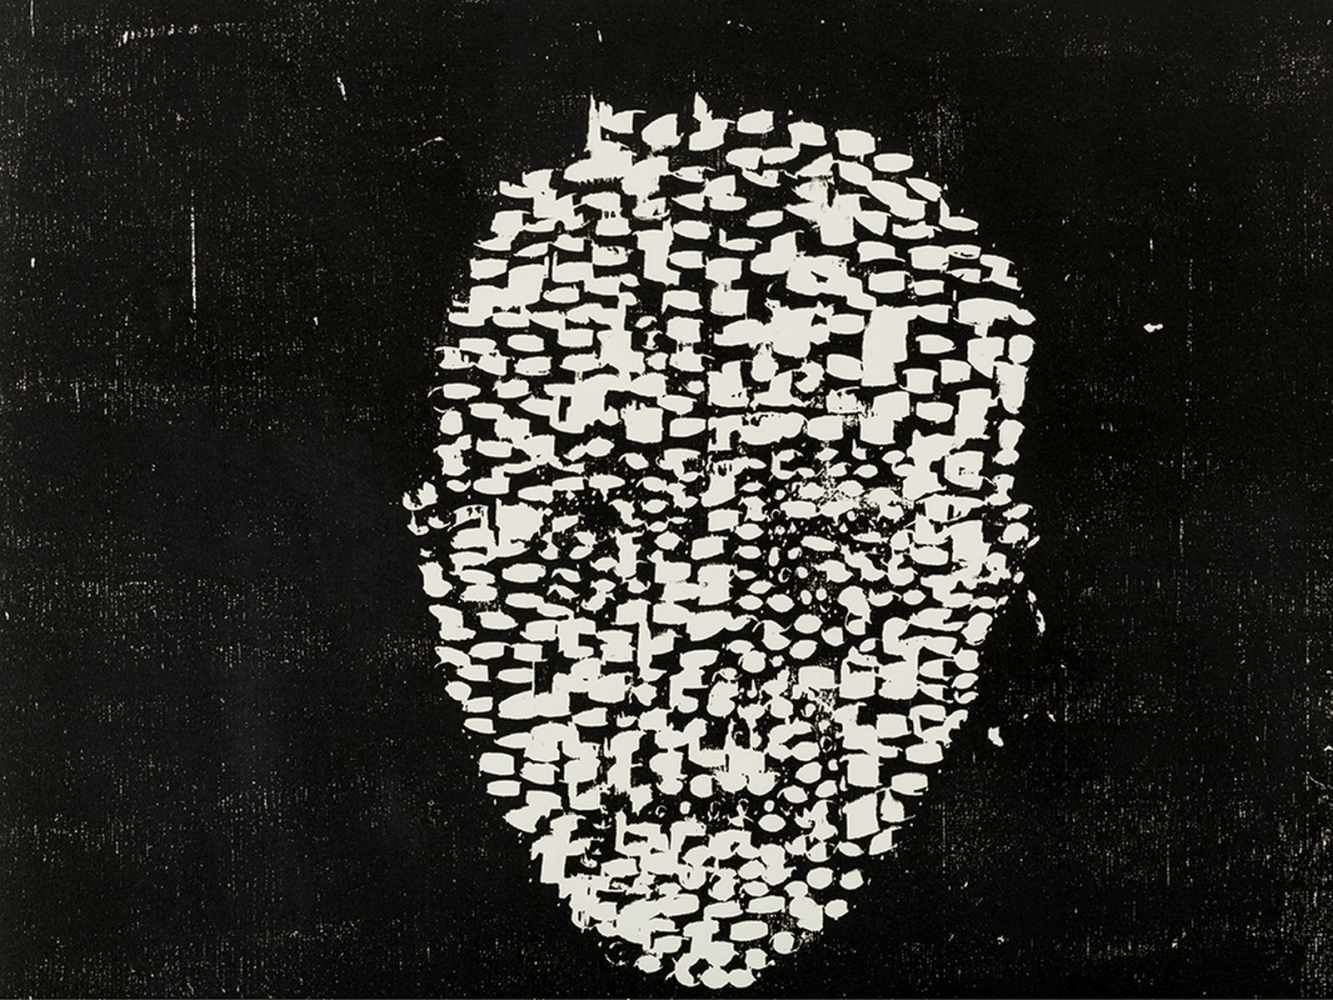 Matthias Mansen (b. 1958), Max von Laue, Woodcut, 1999 - Image 4 of 7